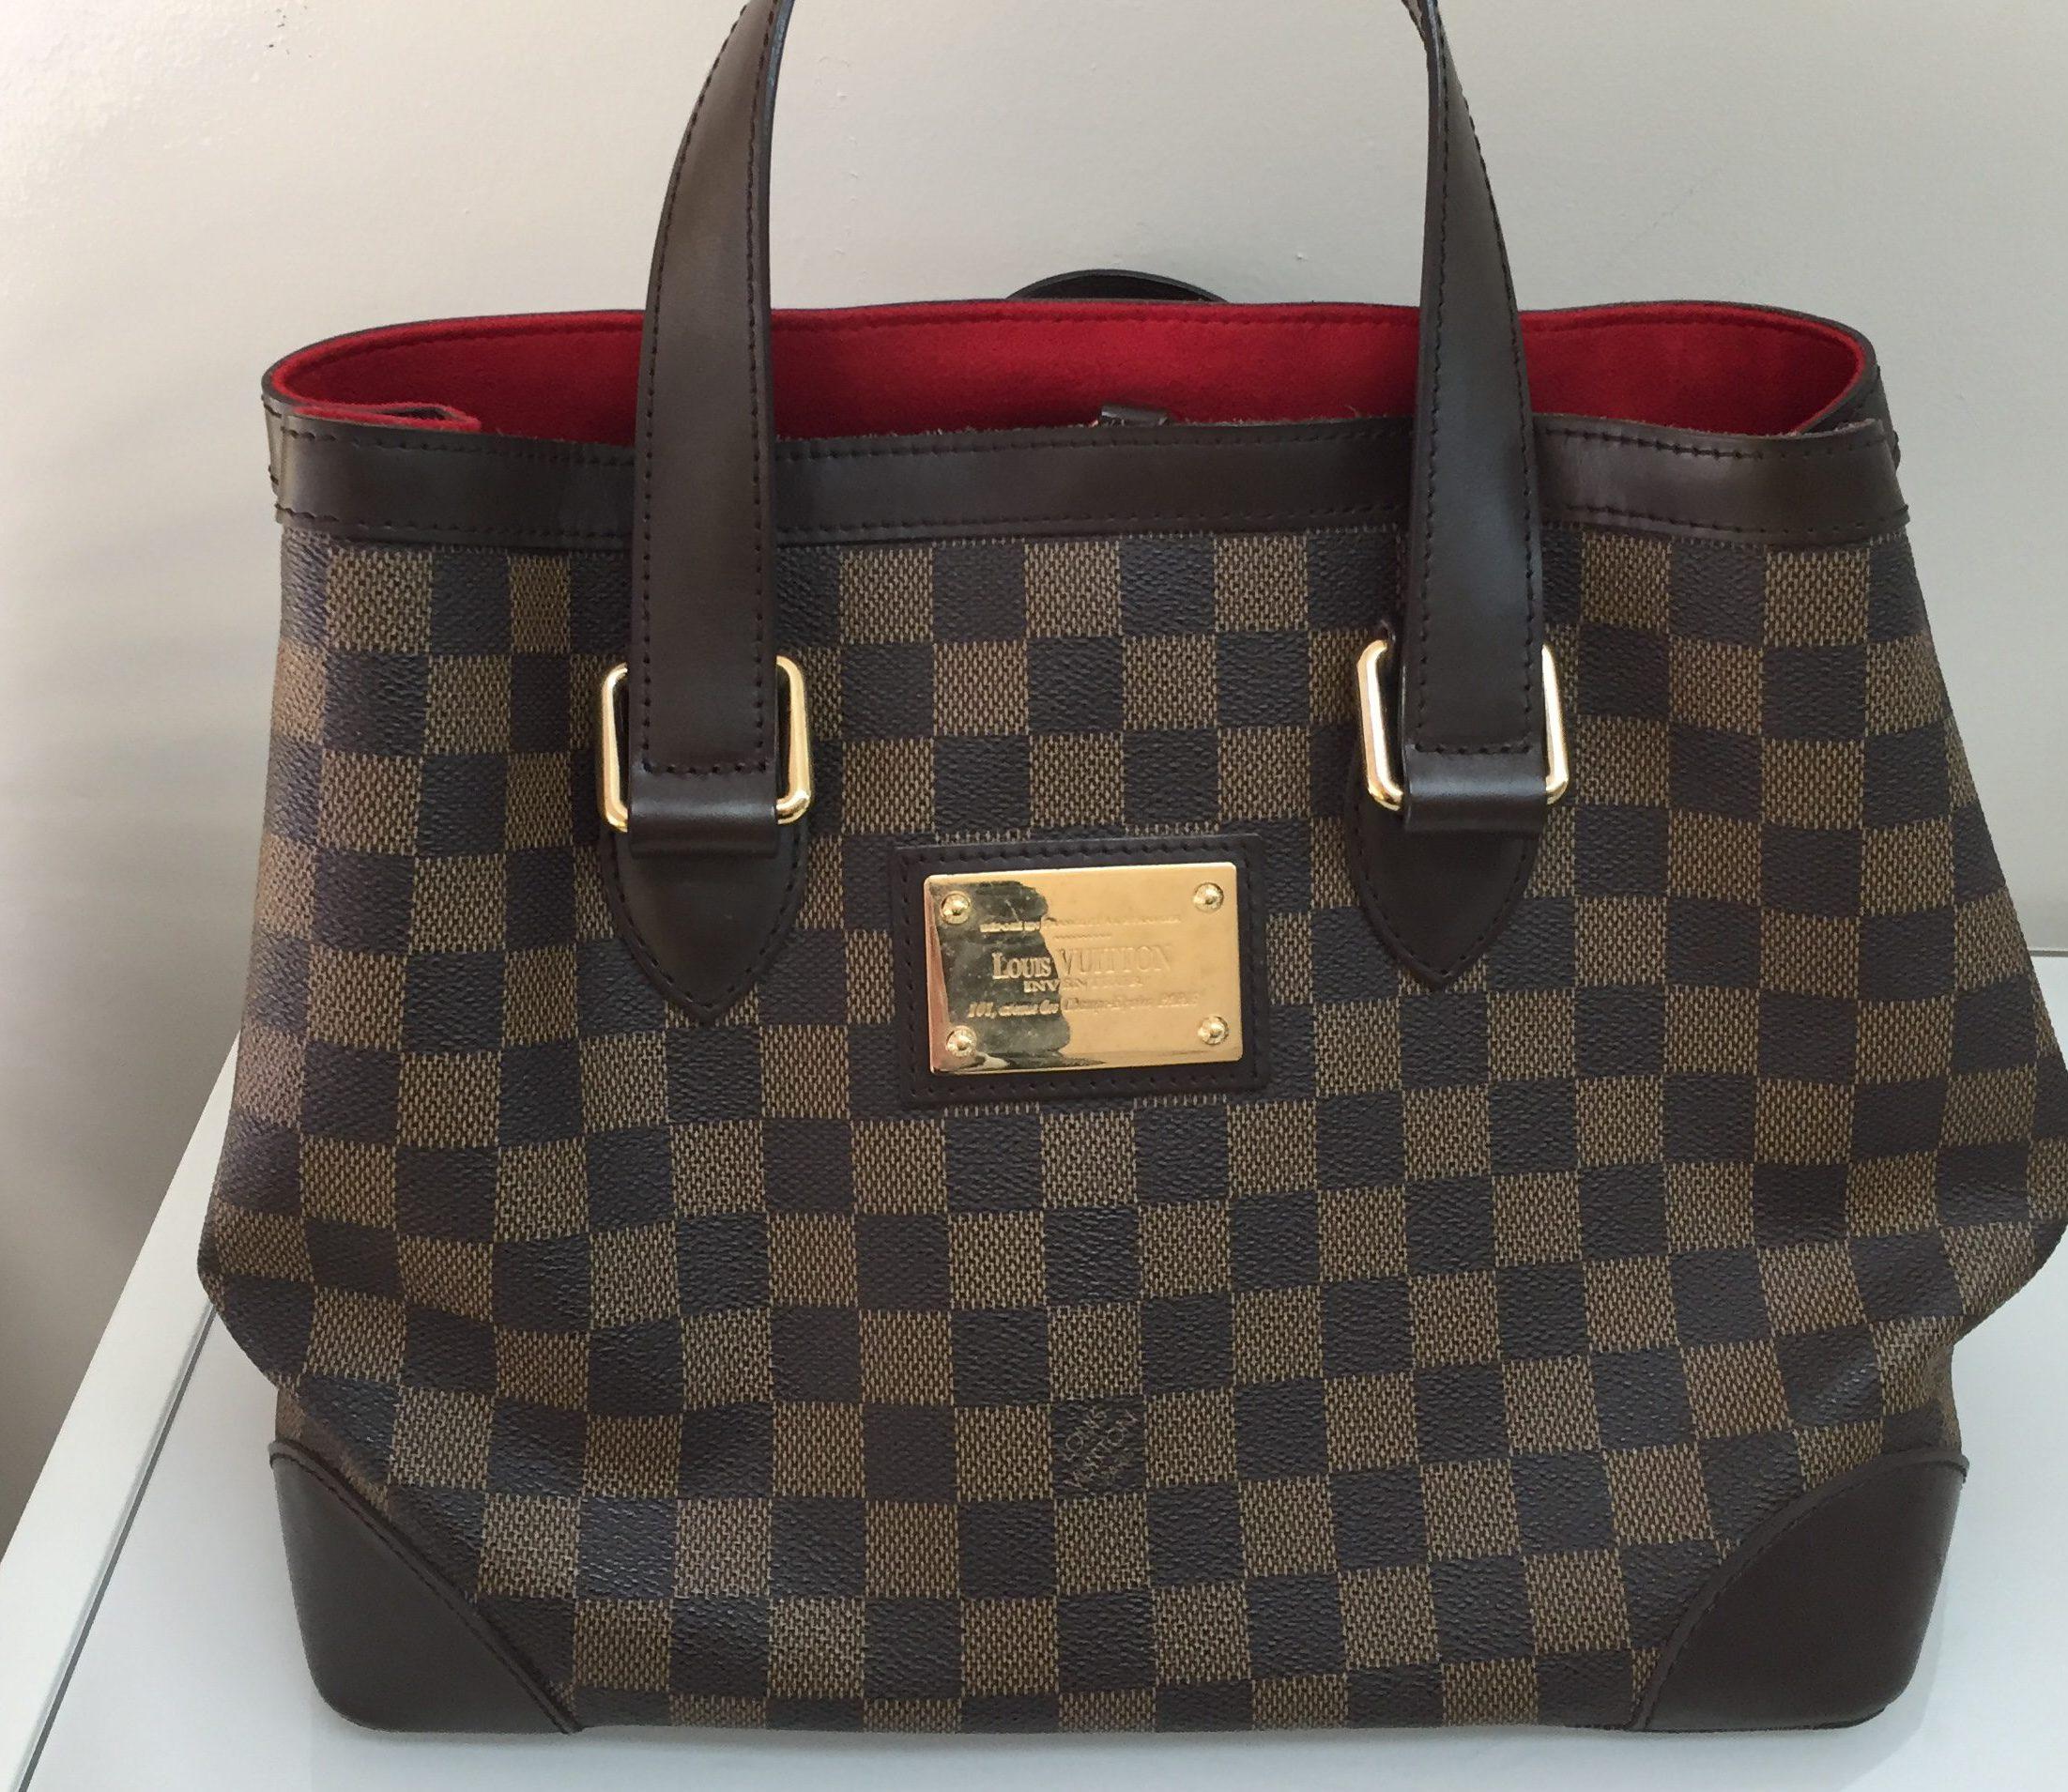 ルイヴィトン Louis Vuitton ブランド品 ブランド ブランドバッグ